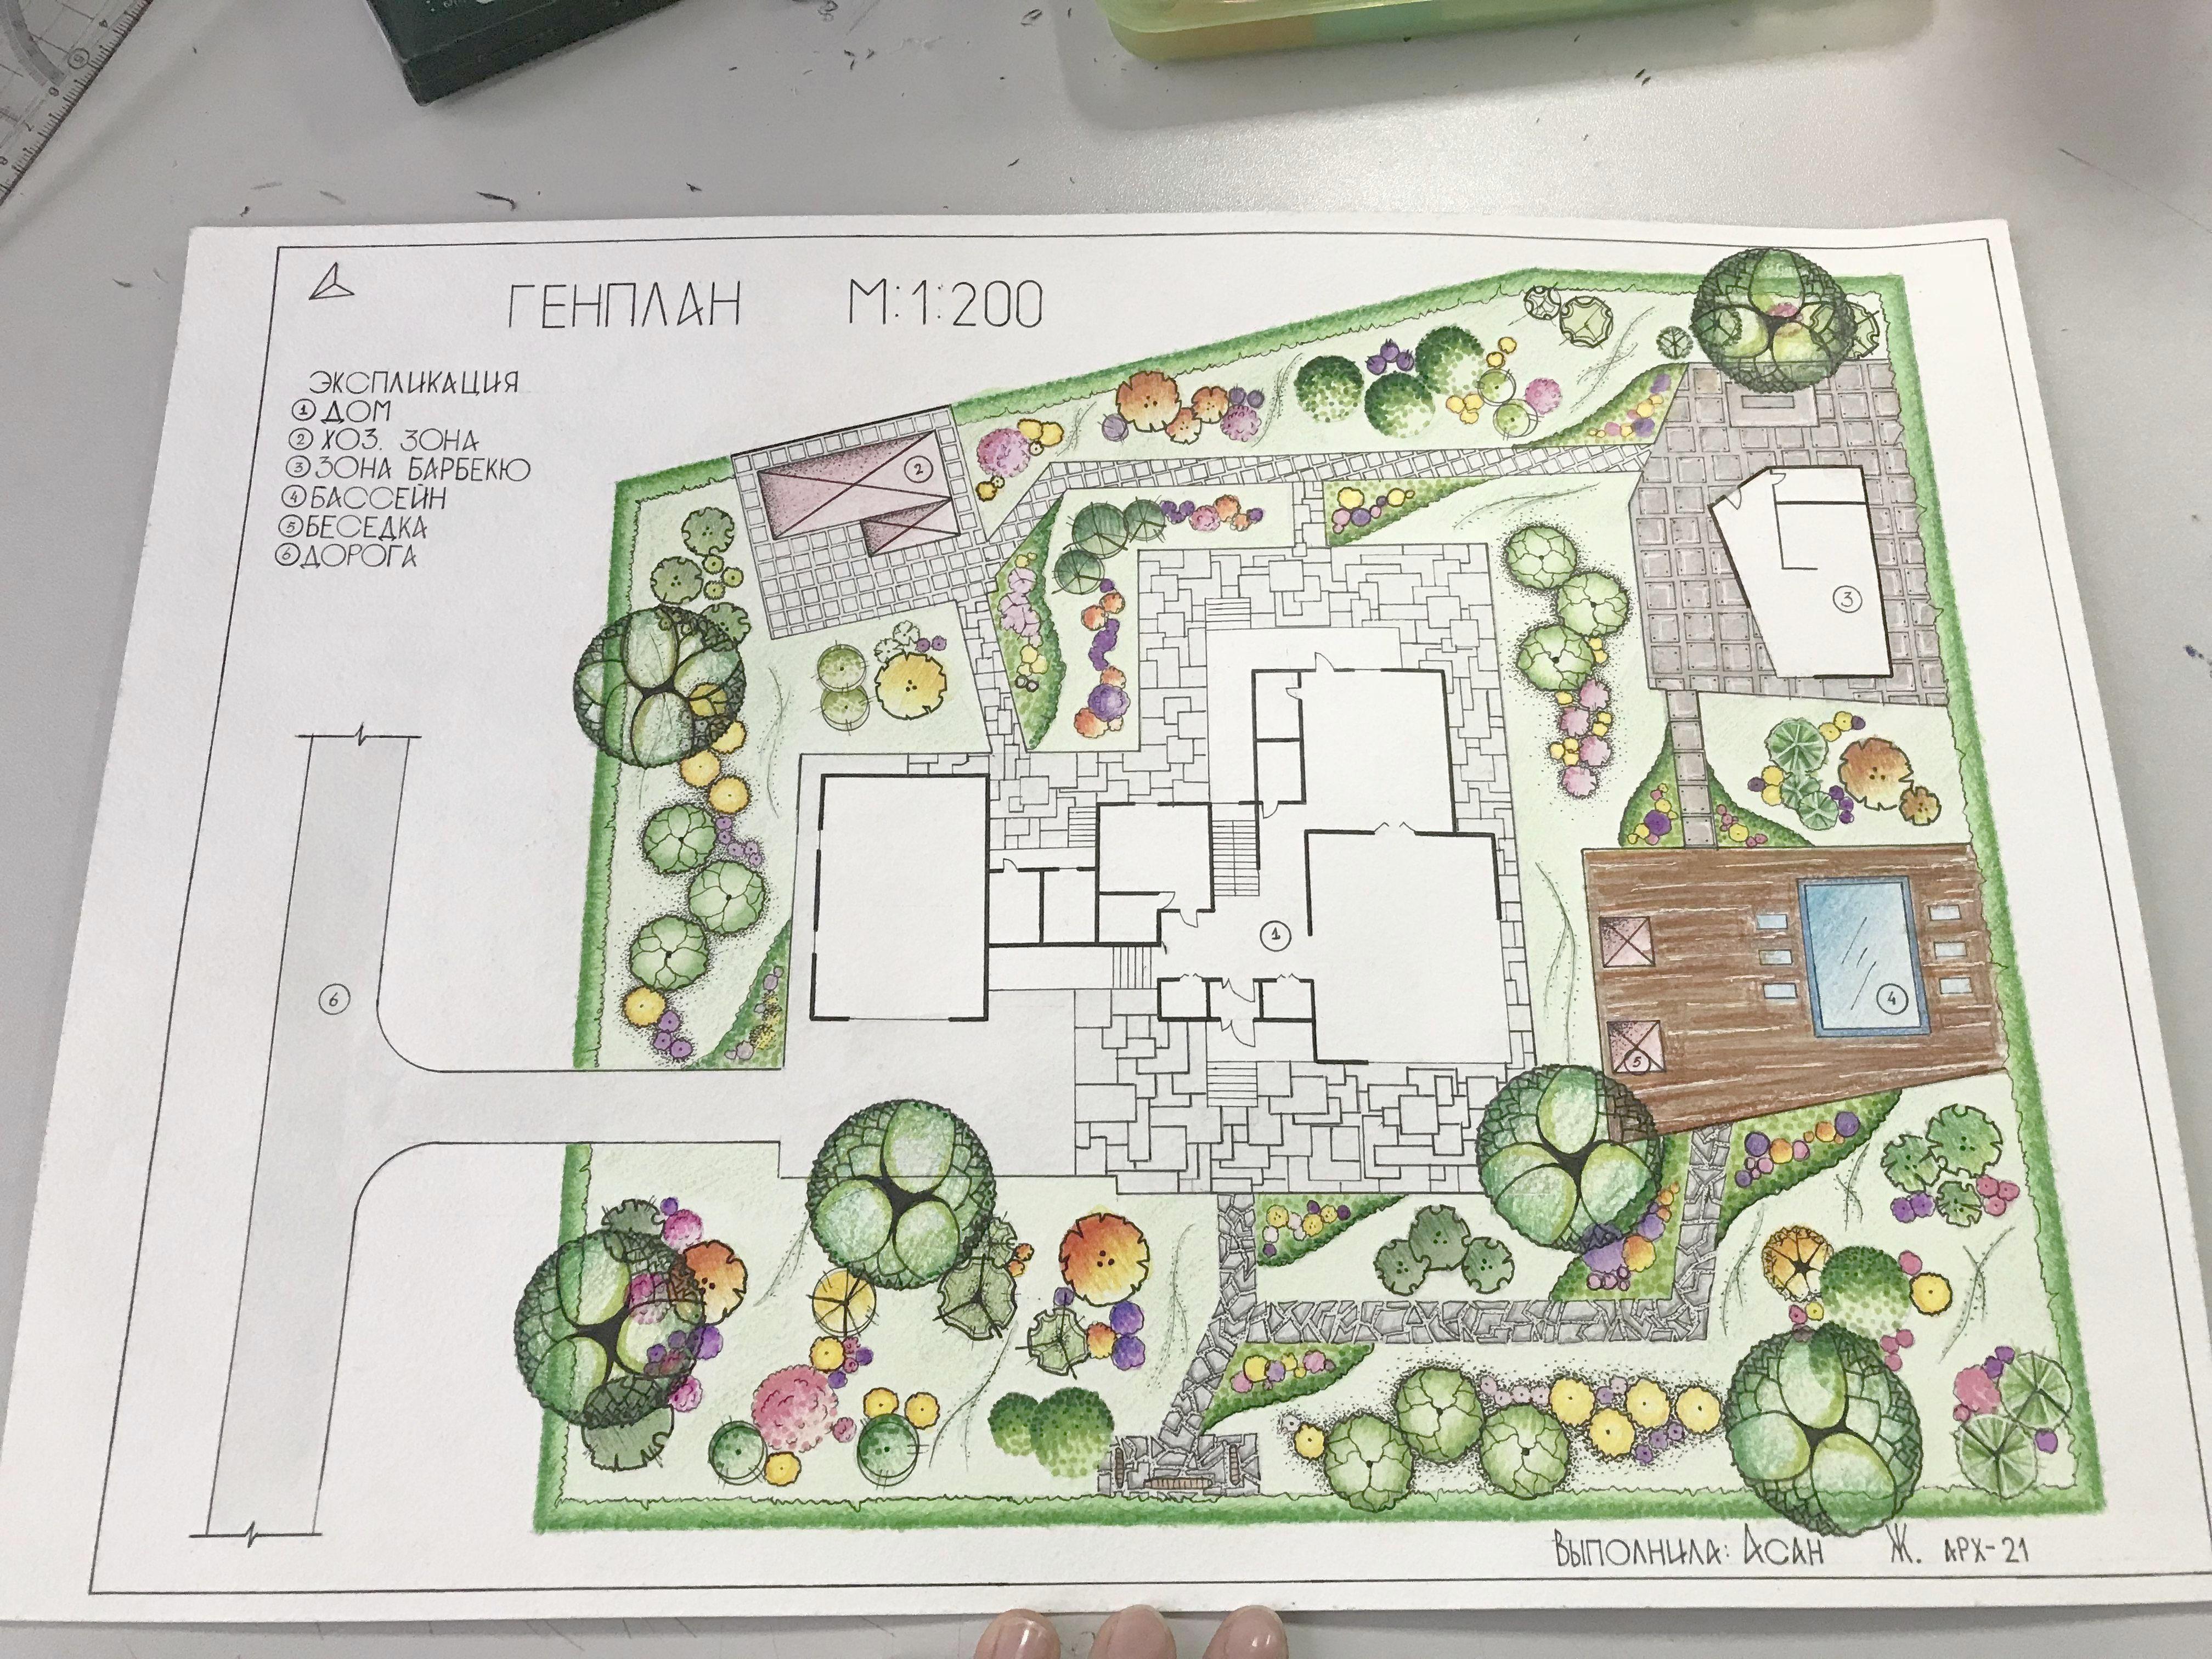 Landscape Gardening For Beginners Landscape Gardening Course Exeter Landscape Gardening Jobs In Mumbai Mimari Cizim Taslaklari Peyzaj Mimarisi Eskiz